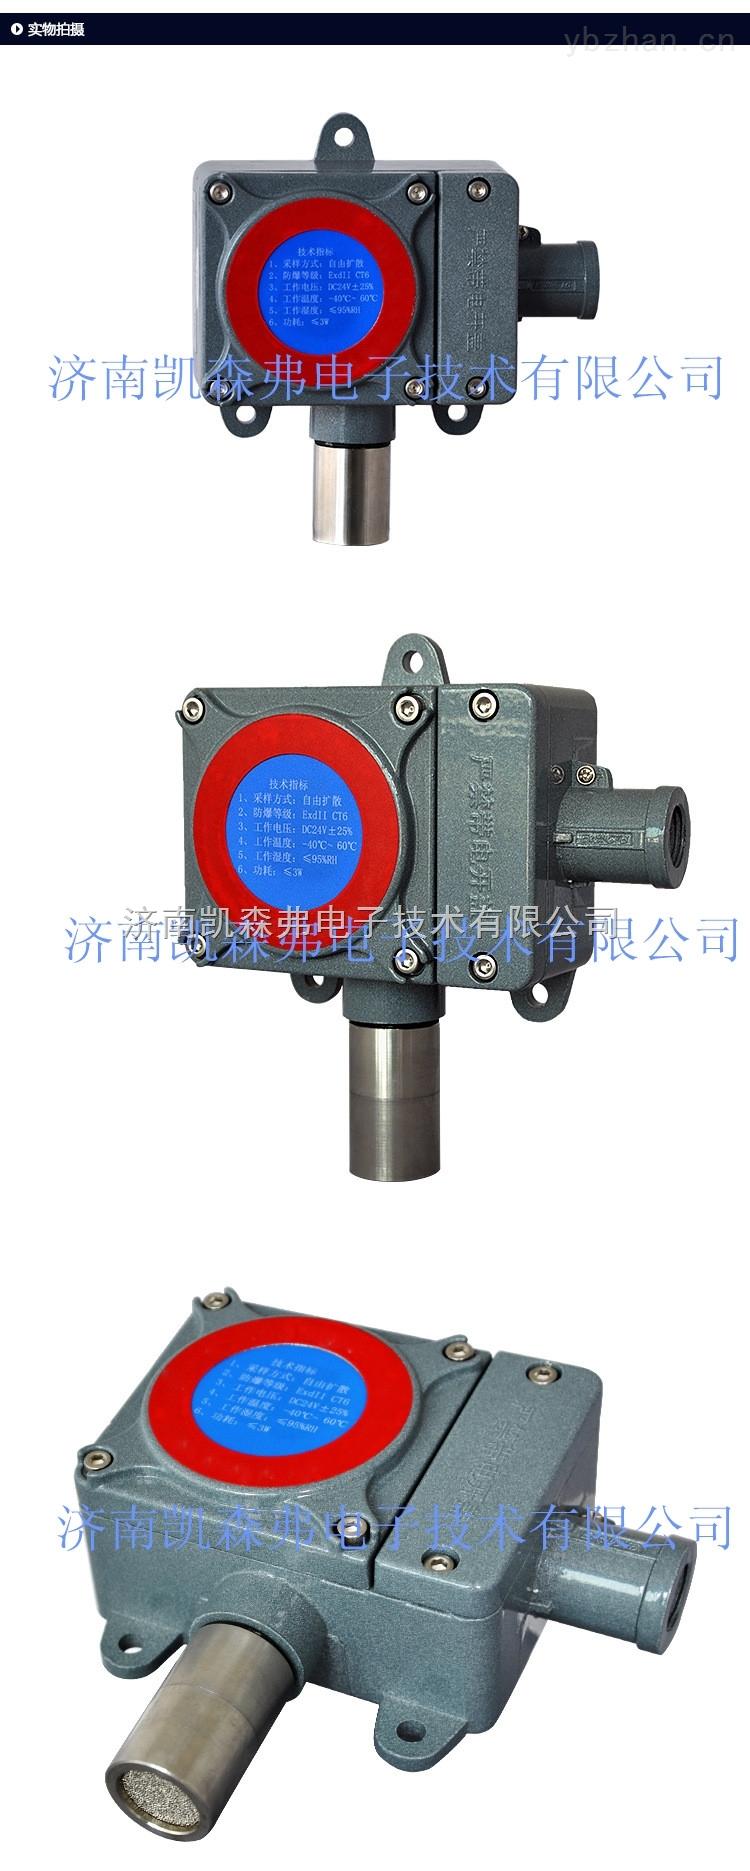 吉林长春RBT-6000-F/B氢气泄漏探测器